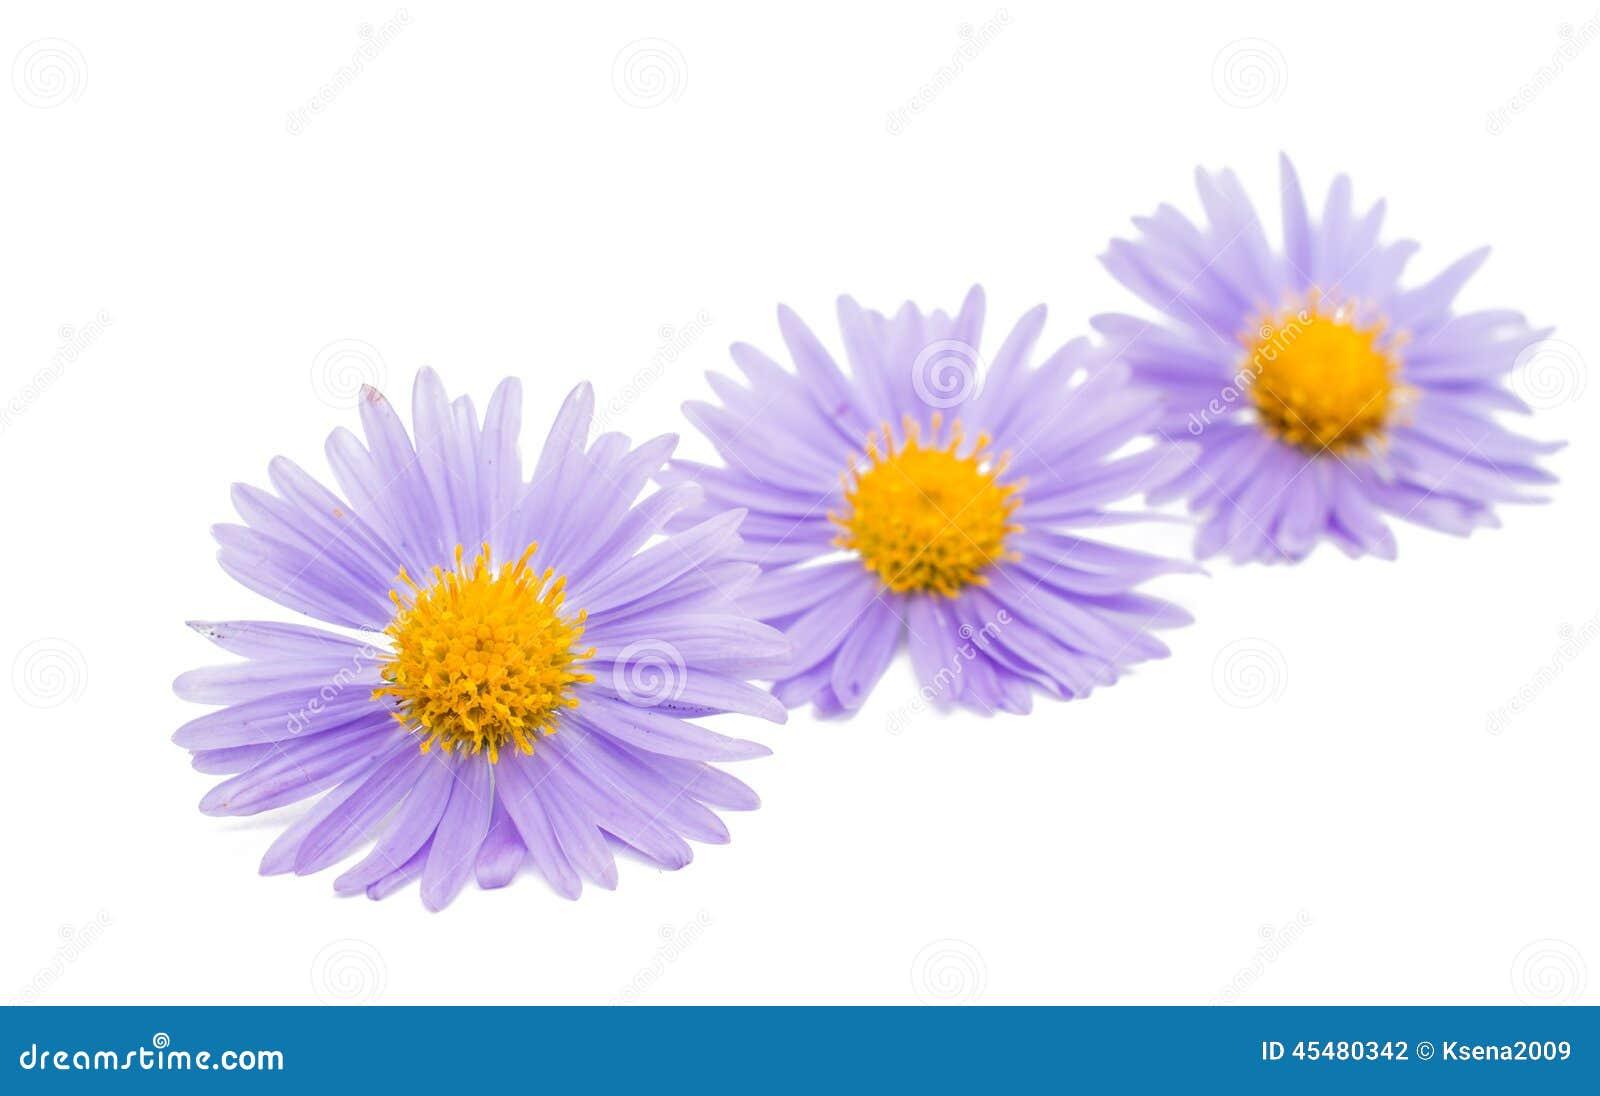 菊花开花小